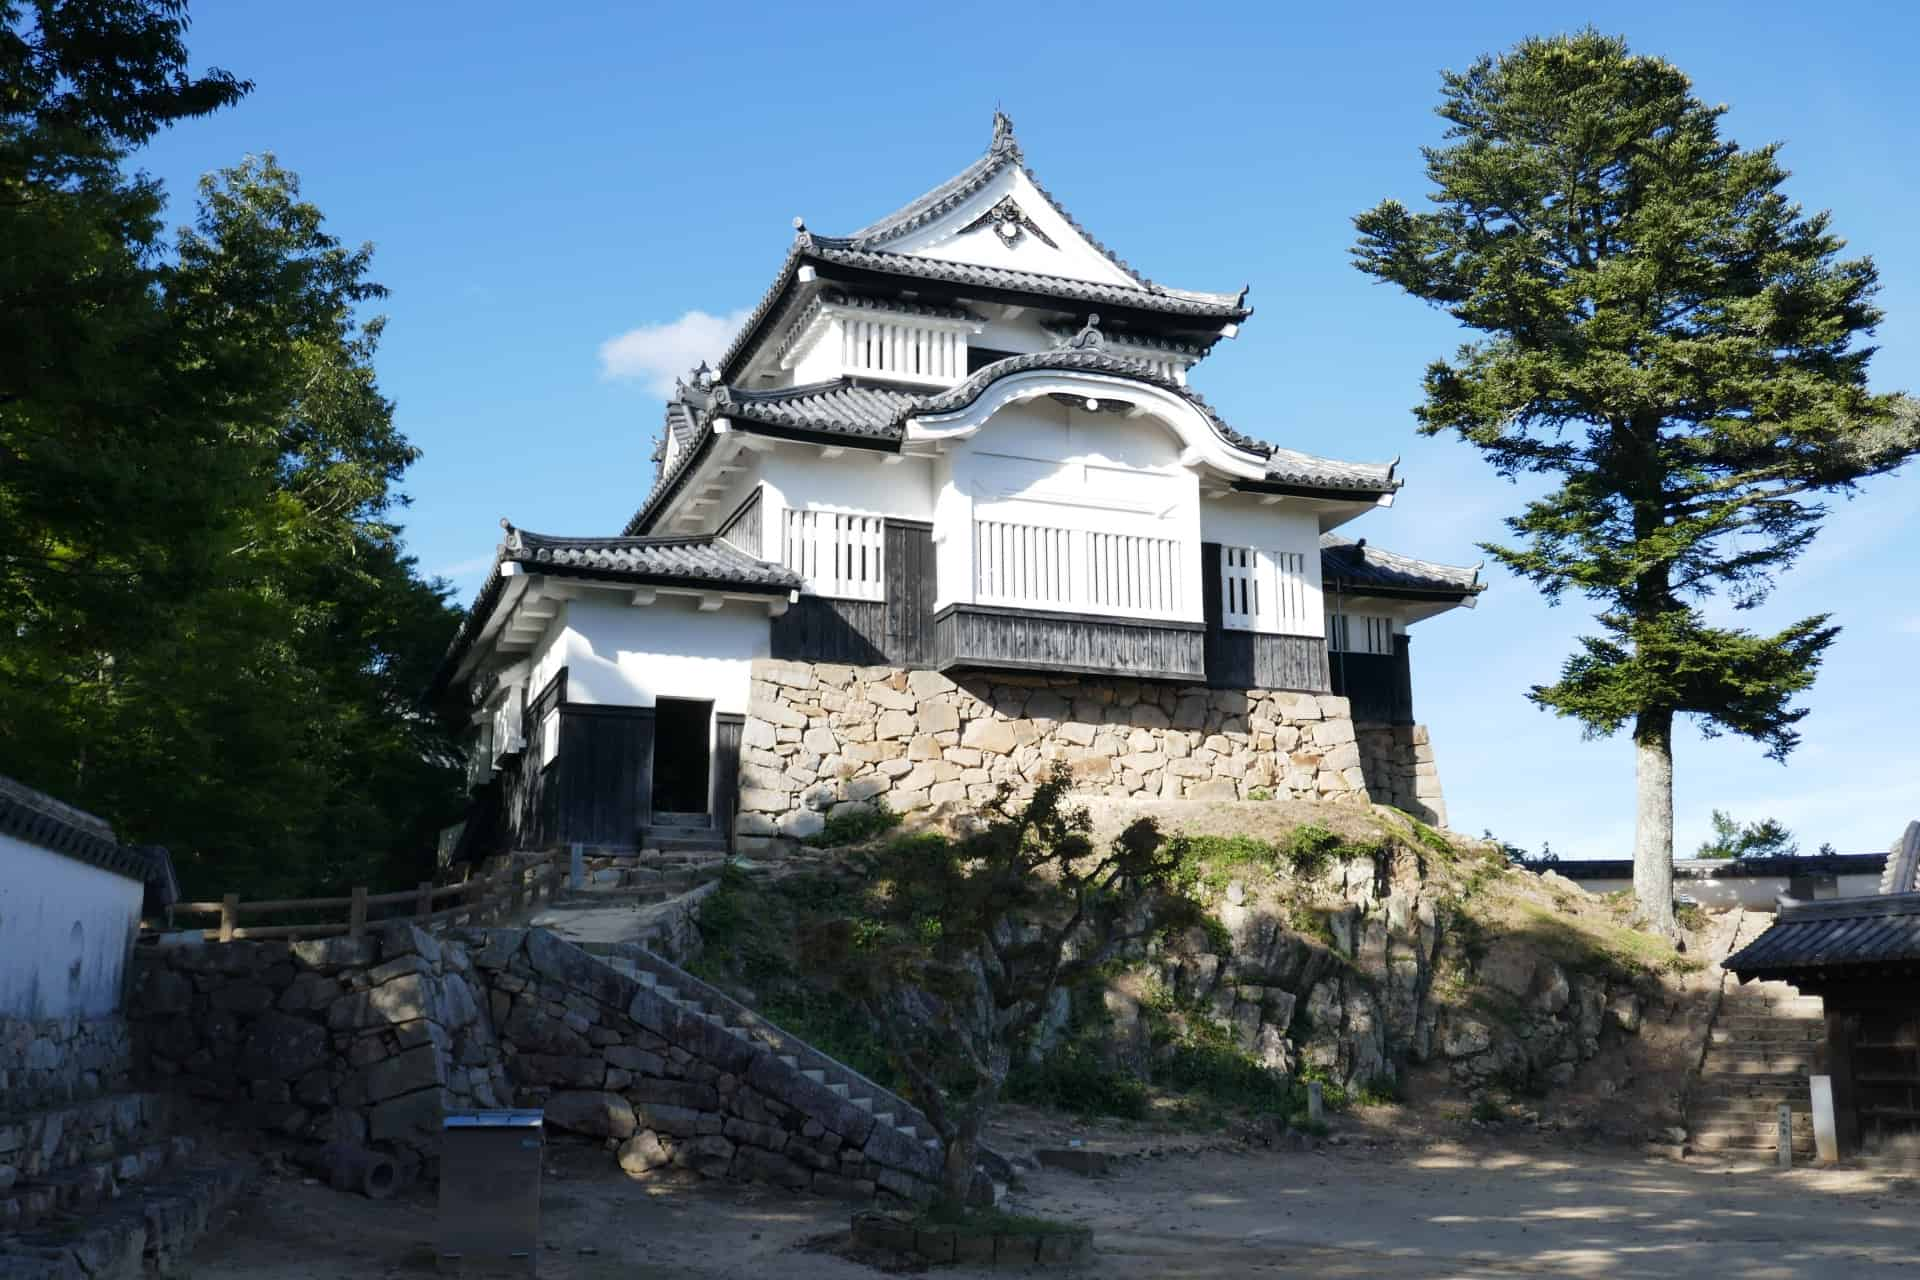 ปราสาทบิตจู มัตสึยามะ Bitchu Matsuyama Castle ทาคาฮาชิ โอคายาม่า